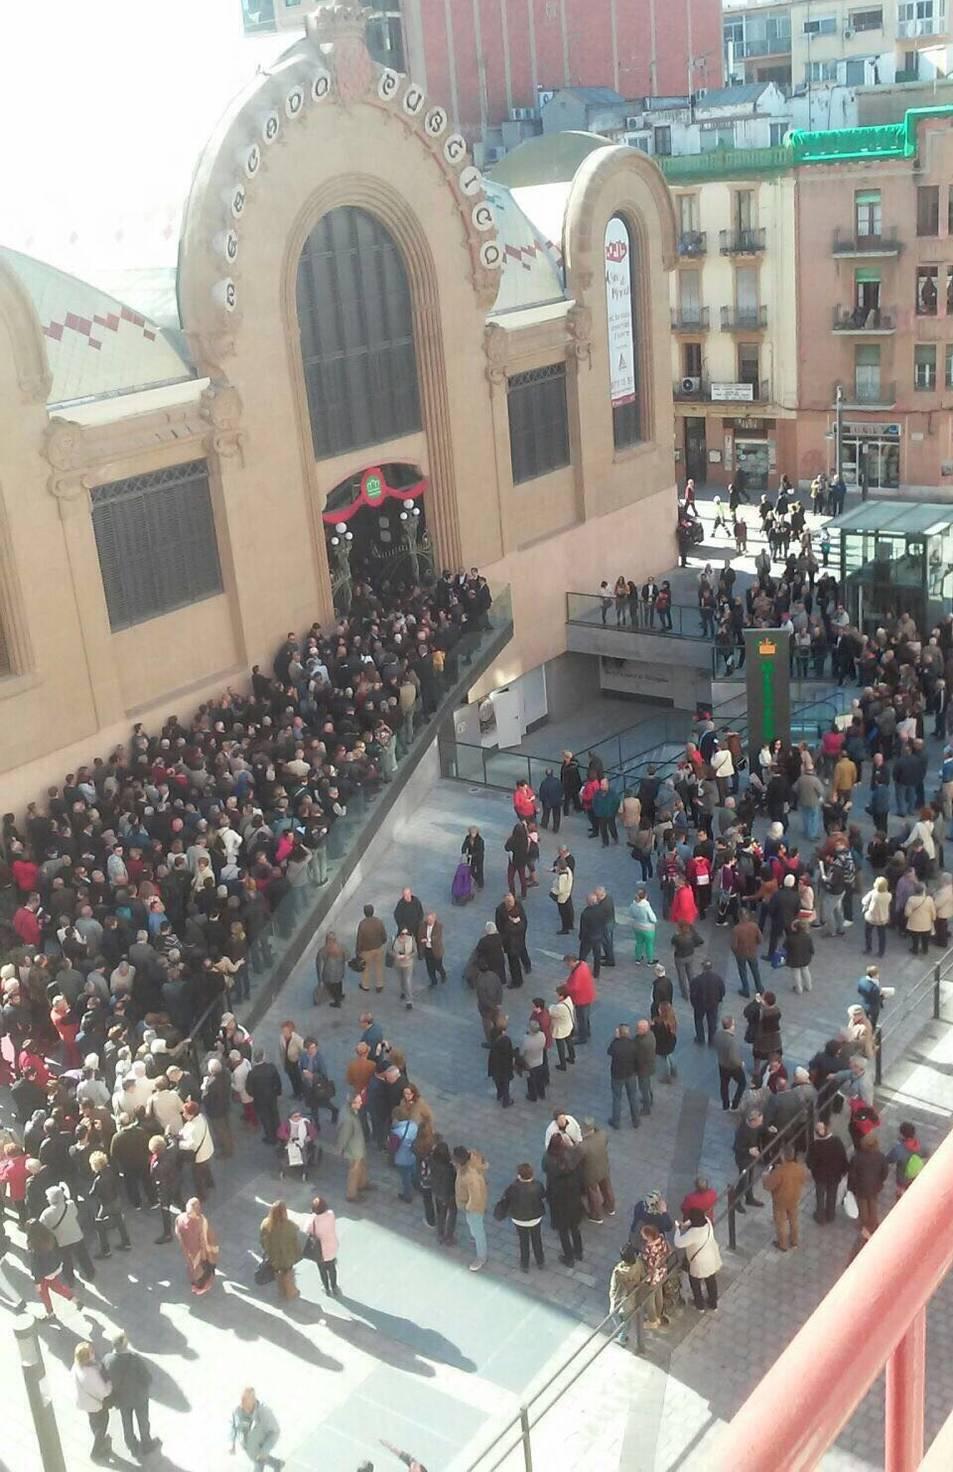 Centenars de persones fan cua per entrar al Mercat Central.